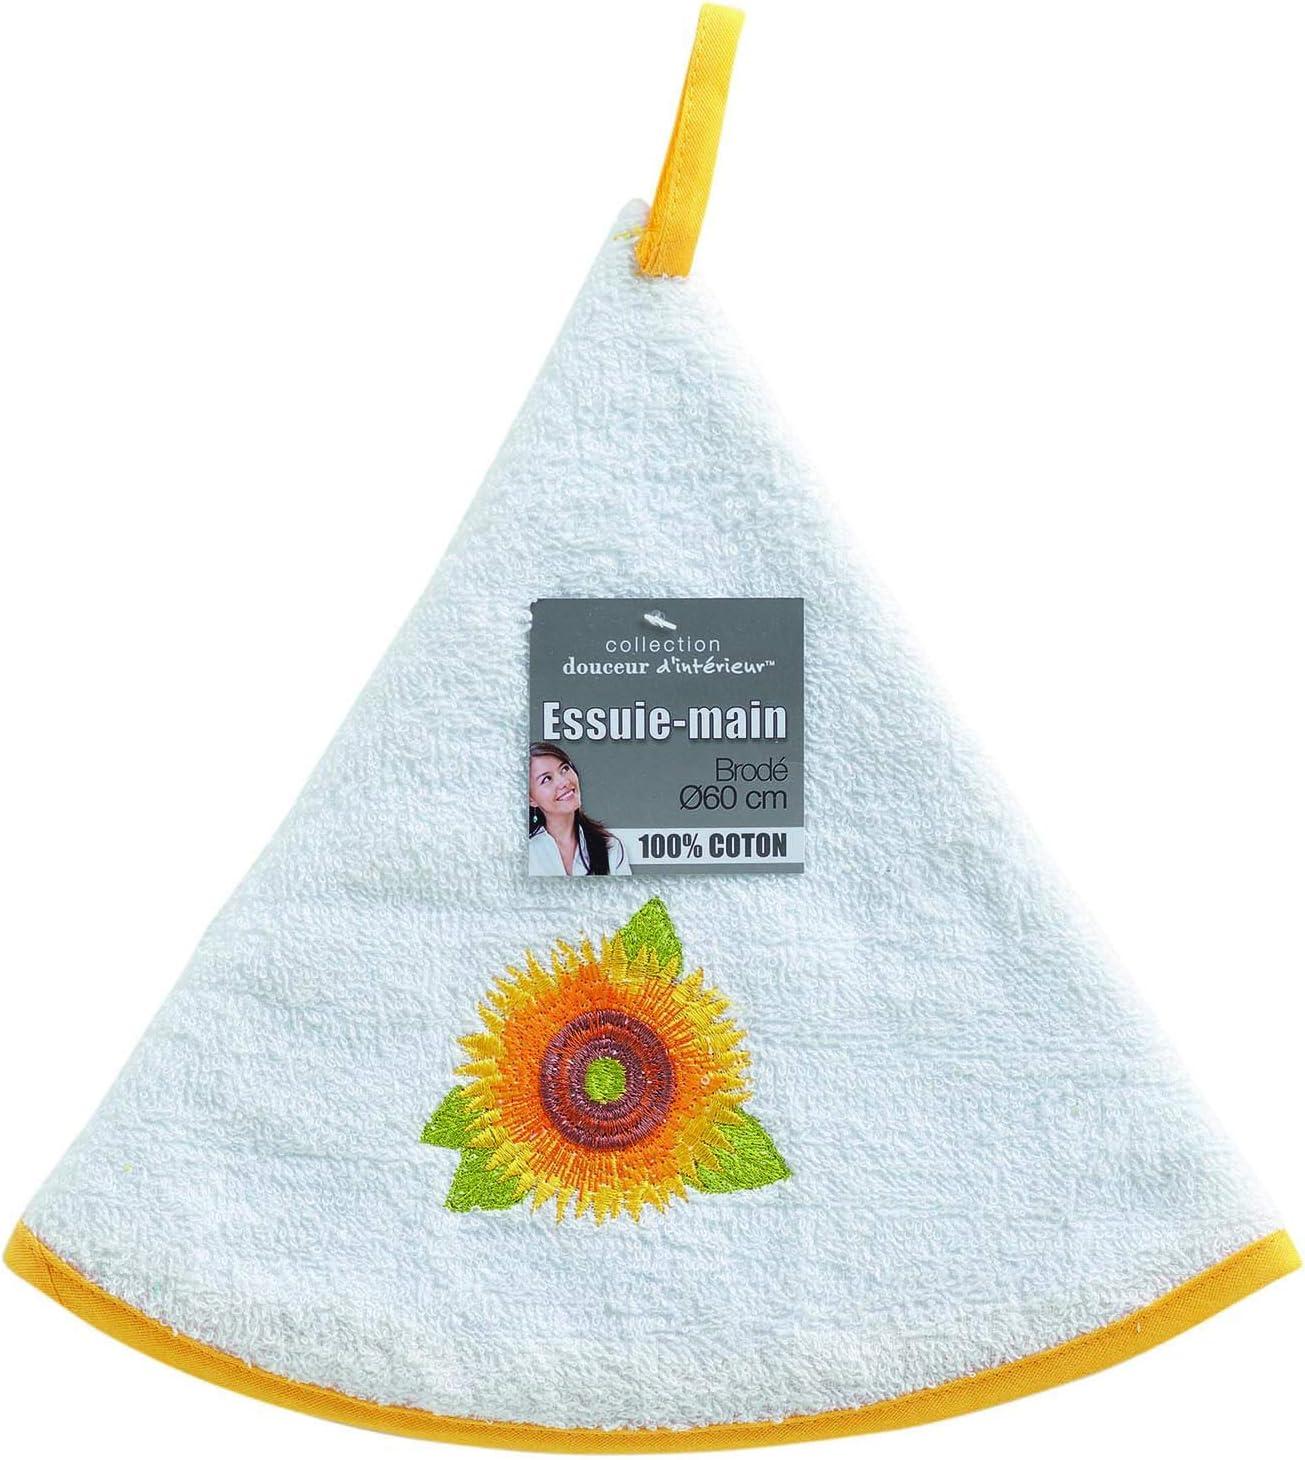 60cm eponge yellow flower blanc douceur dint/érieur essuie-main rond